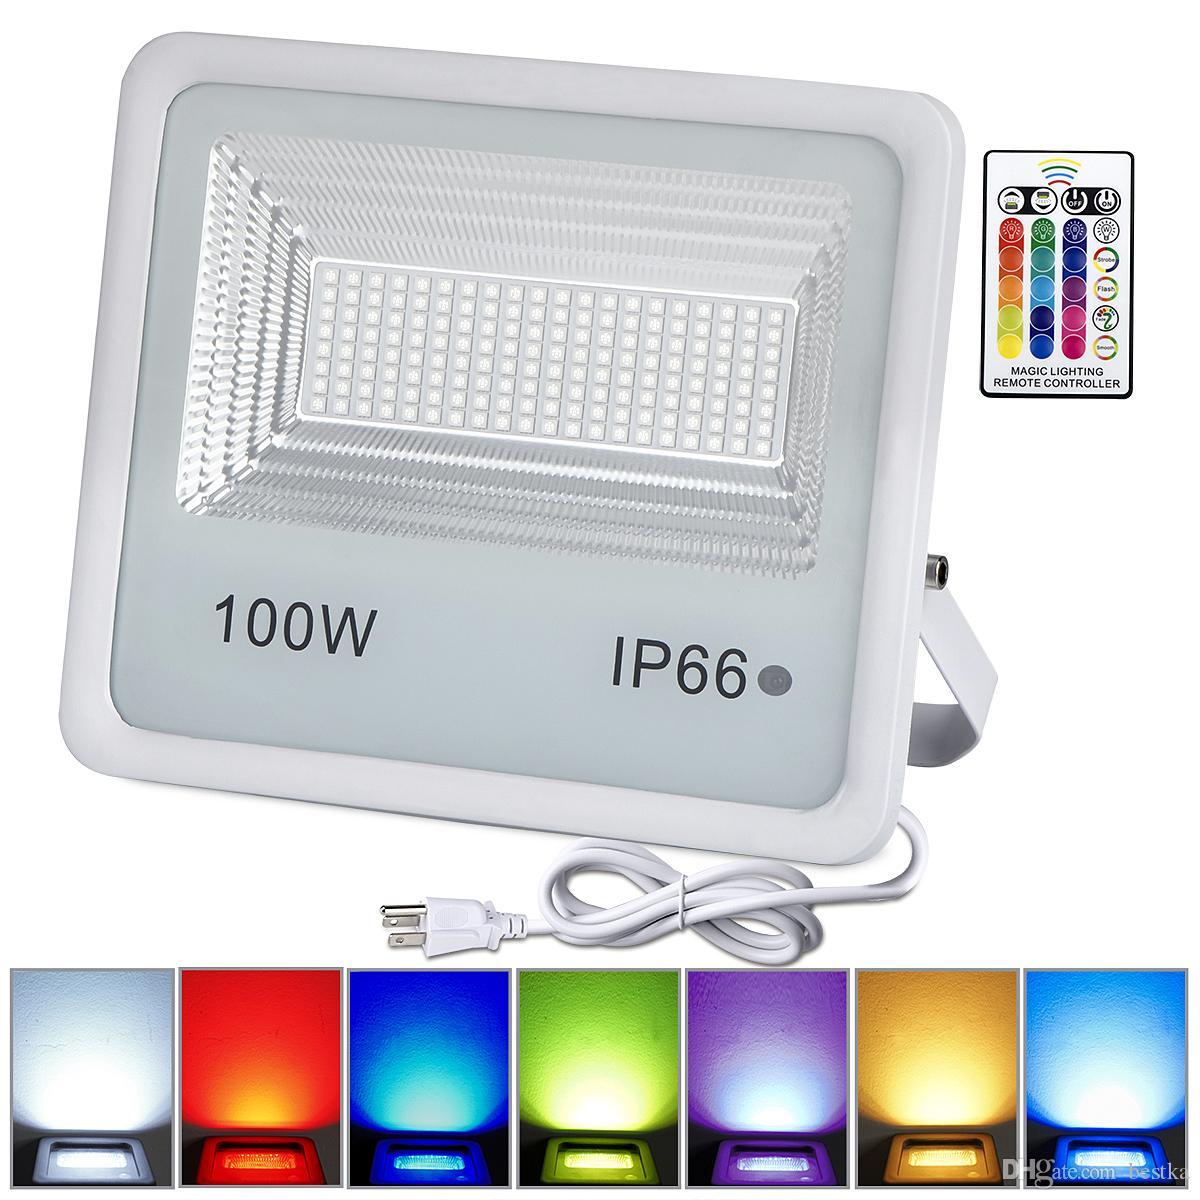 في الهواء الطلق RGB LED ضوء الفيضانات ريال عالية الطاقة 10W 20W 30W 50W 100W الكاشف مصباح للماء IP66 مصباح مع أضواء عطلة التحكم عن بعد